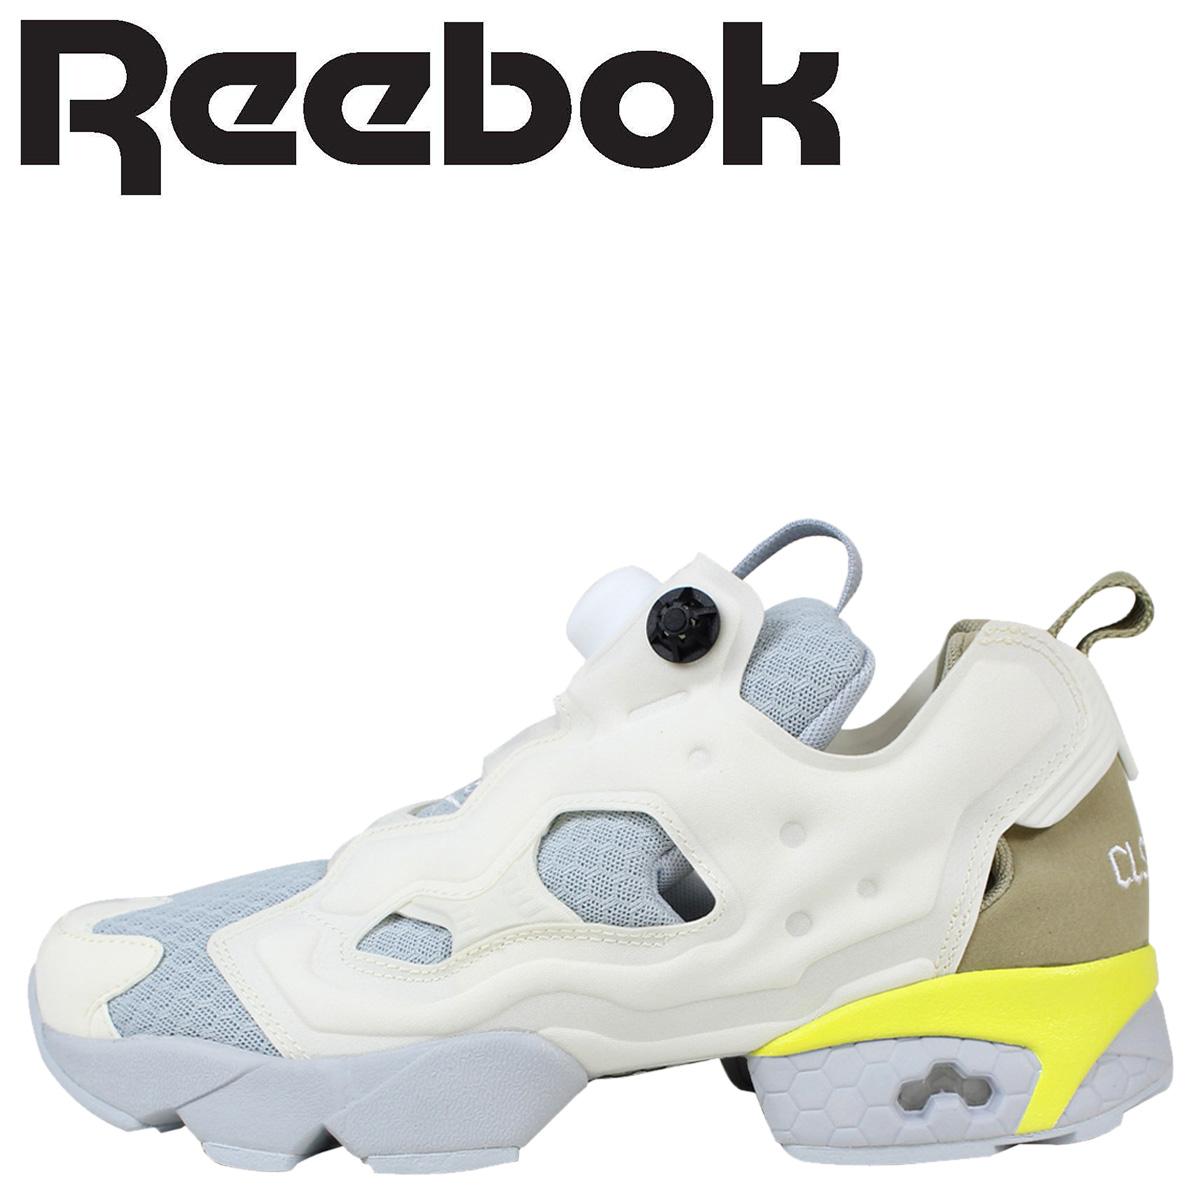 fbaa5d73386a9d ALLSPORTS  Reebok Reebok pump fury sneakers INSTAPUMP FURY CLSHX AR0366 men s  women s shoes white  8 20 new in stock